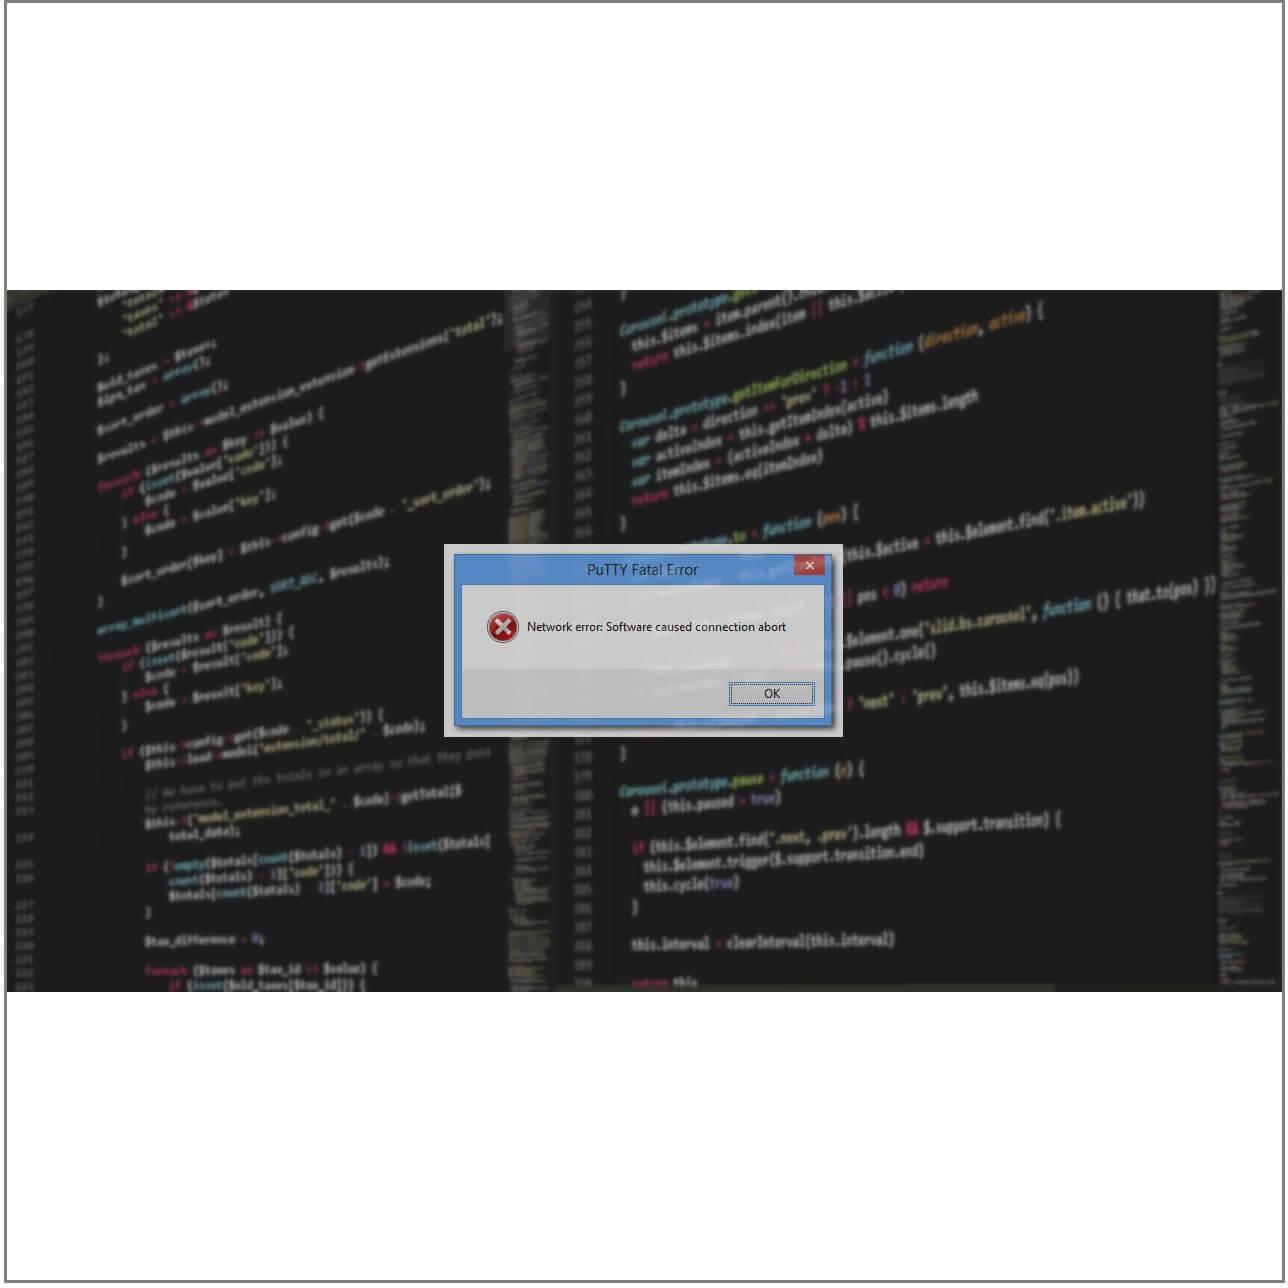 erreur fatale erreur de connexion réseau refusée